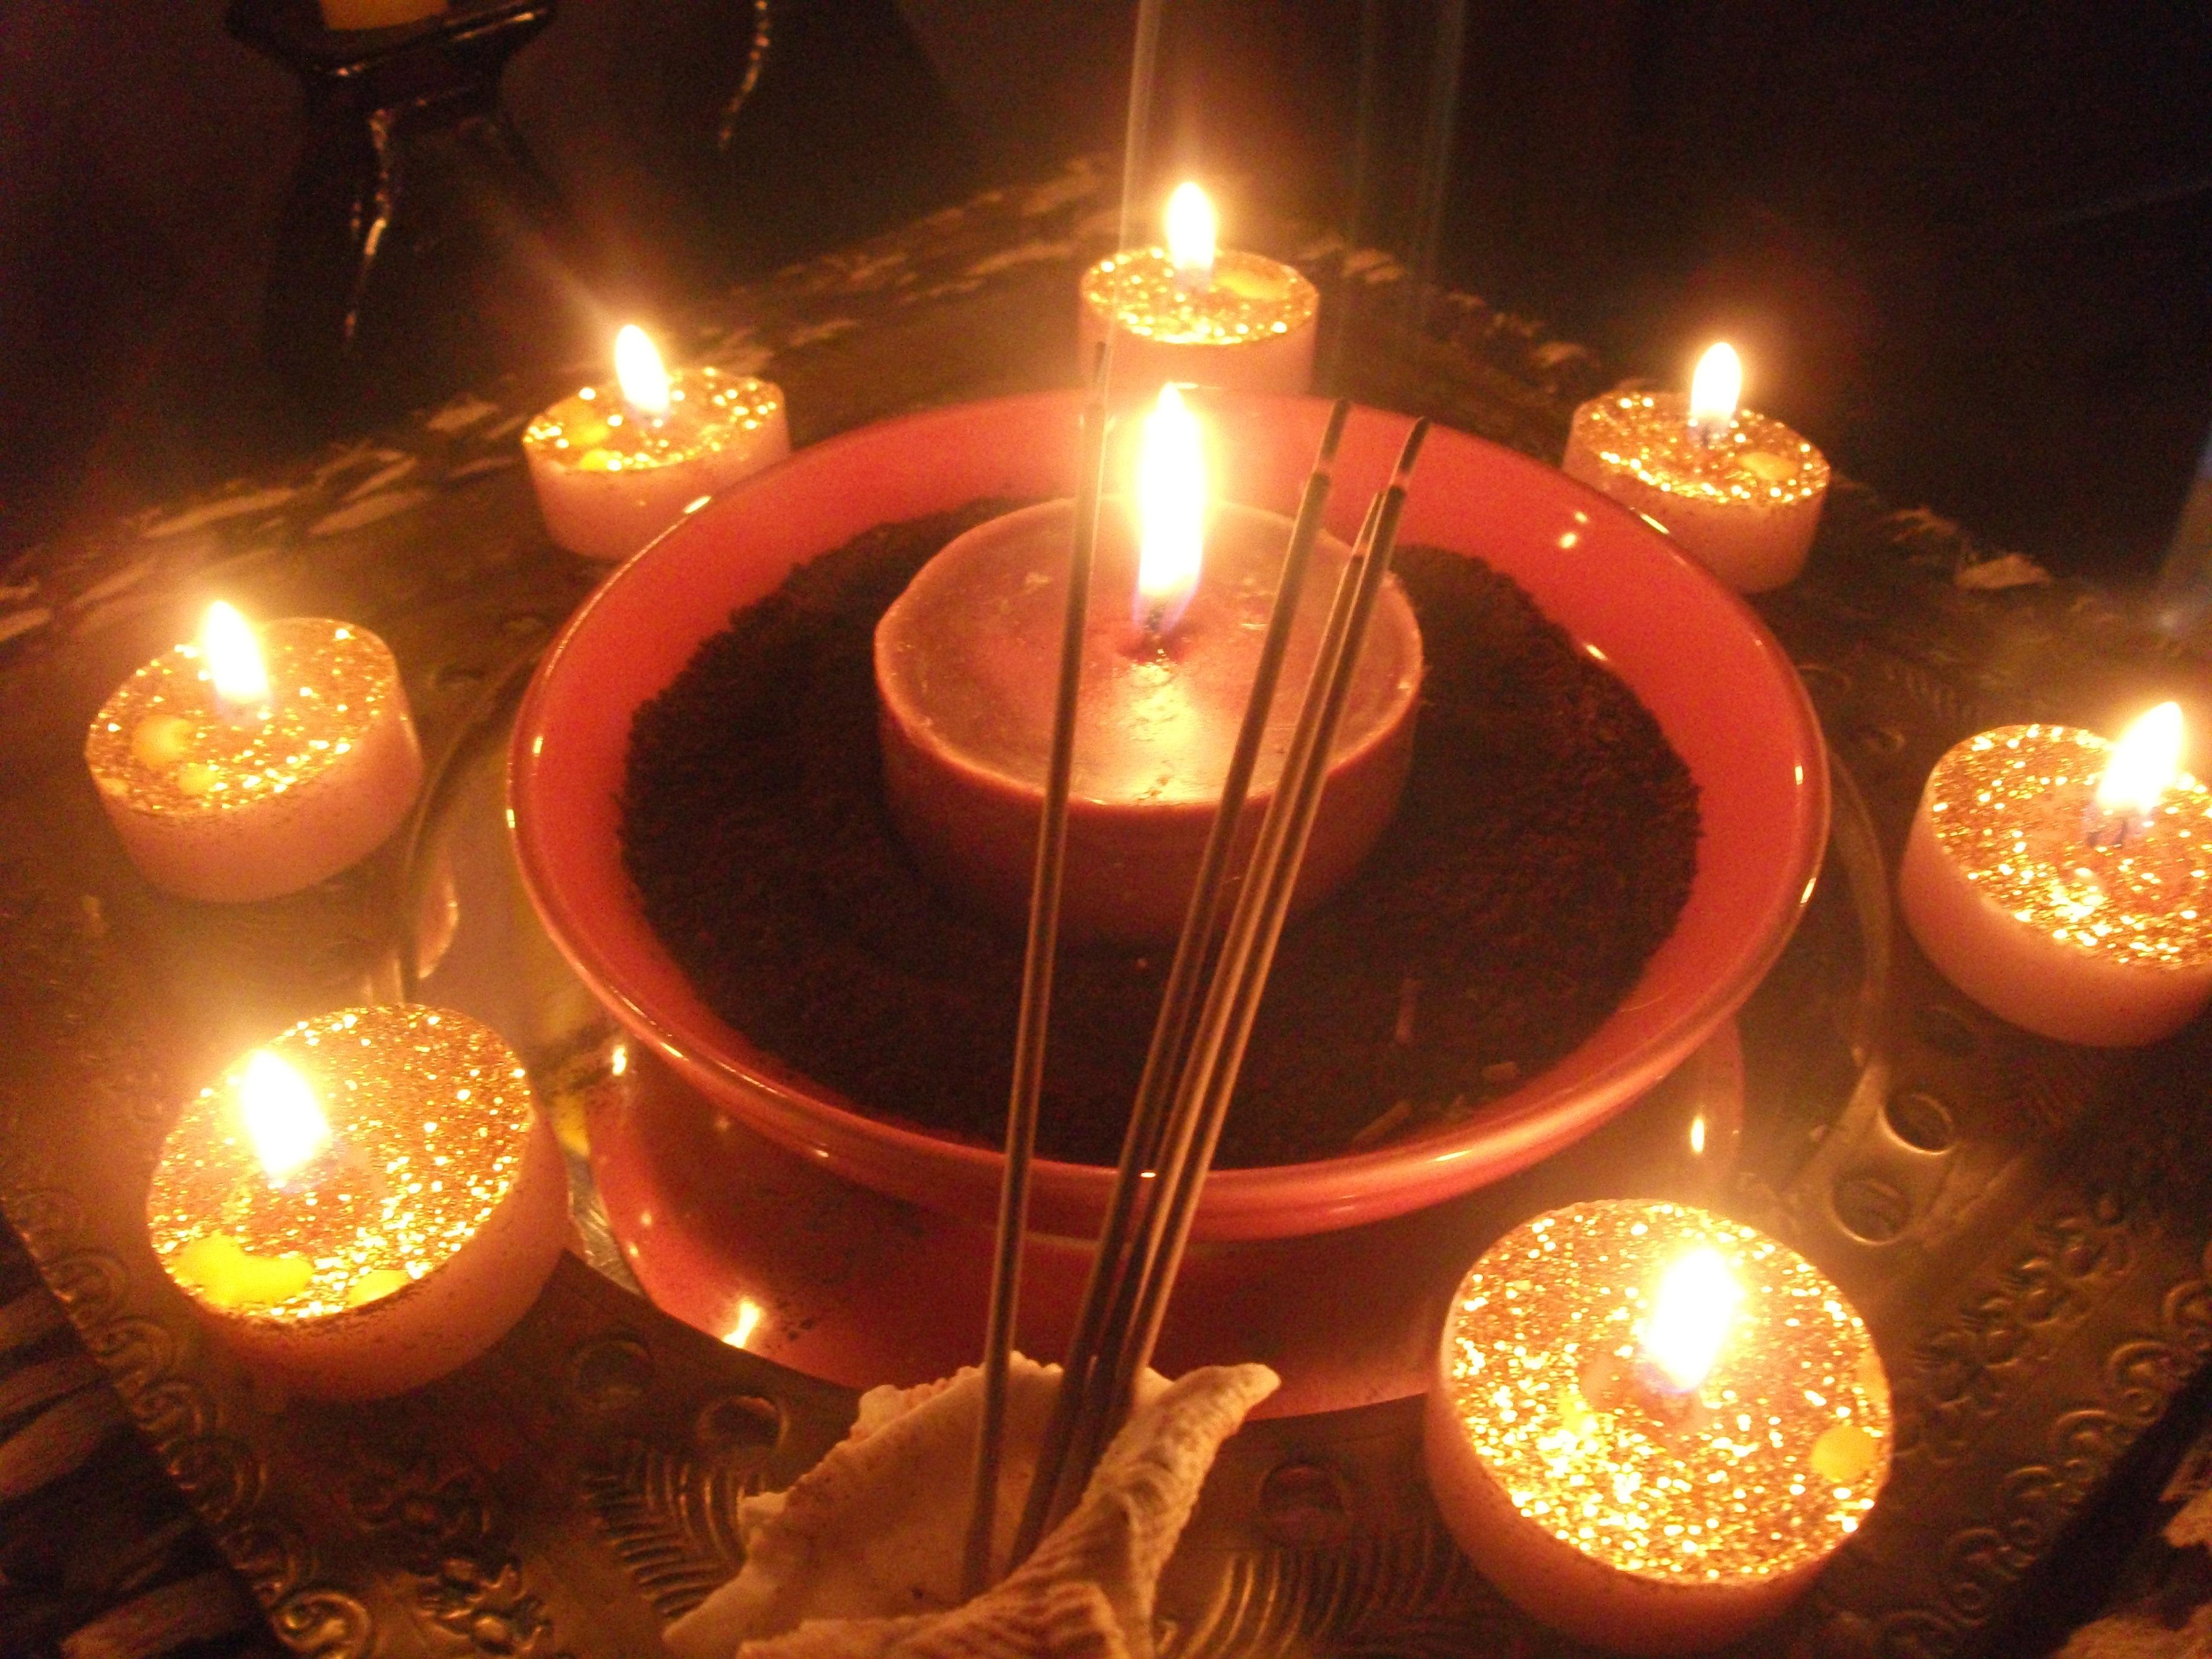 Rituales amorosos, hechizos de amor, todos los rituales de amor